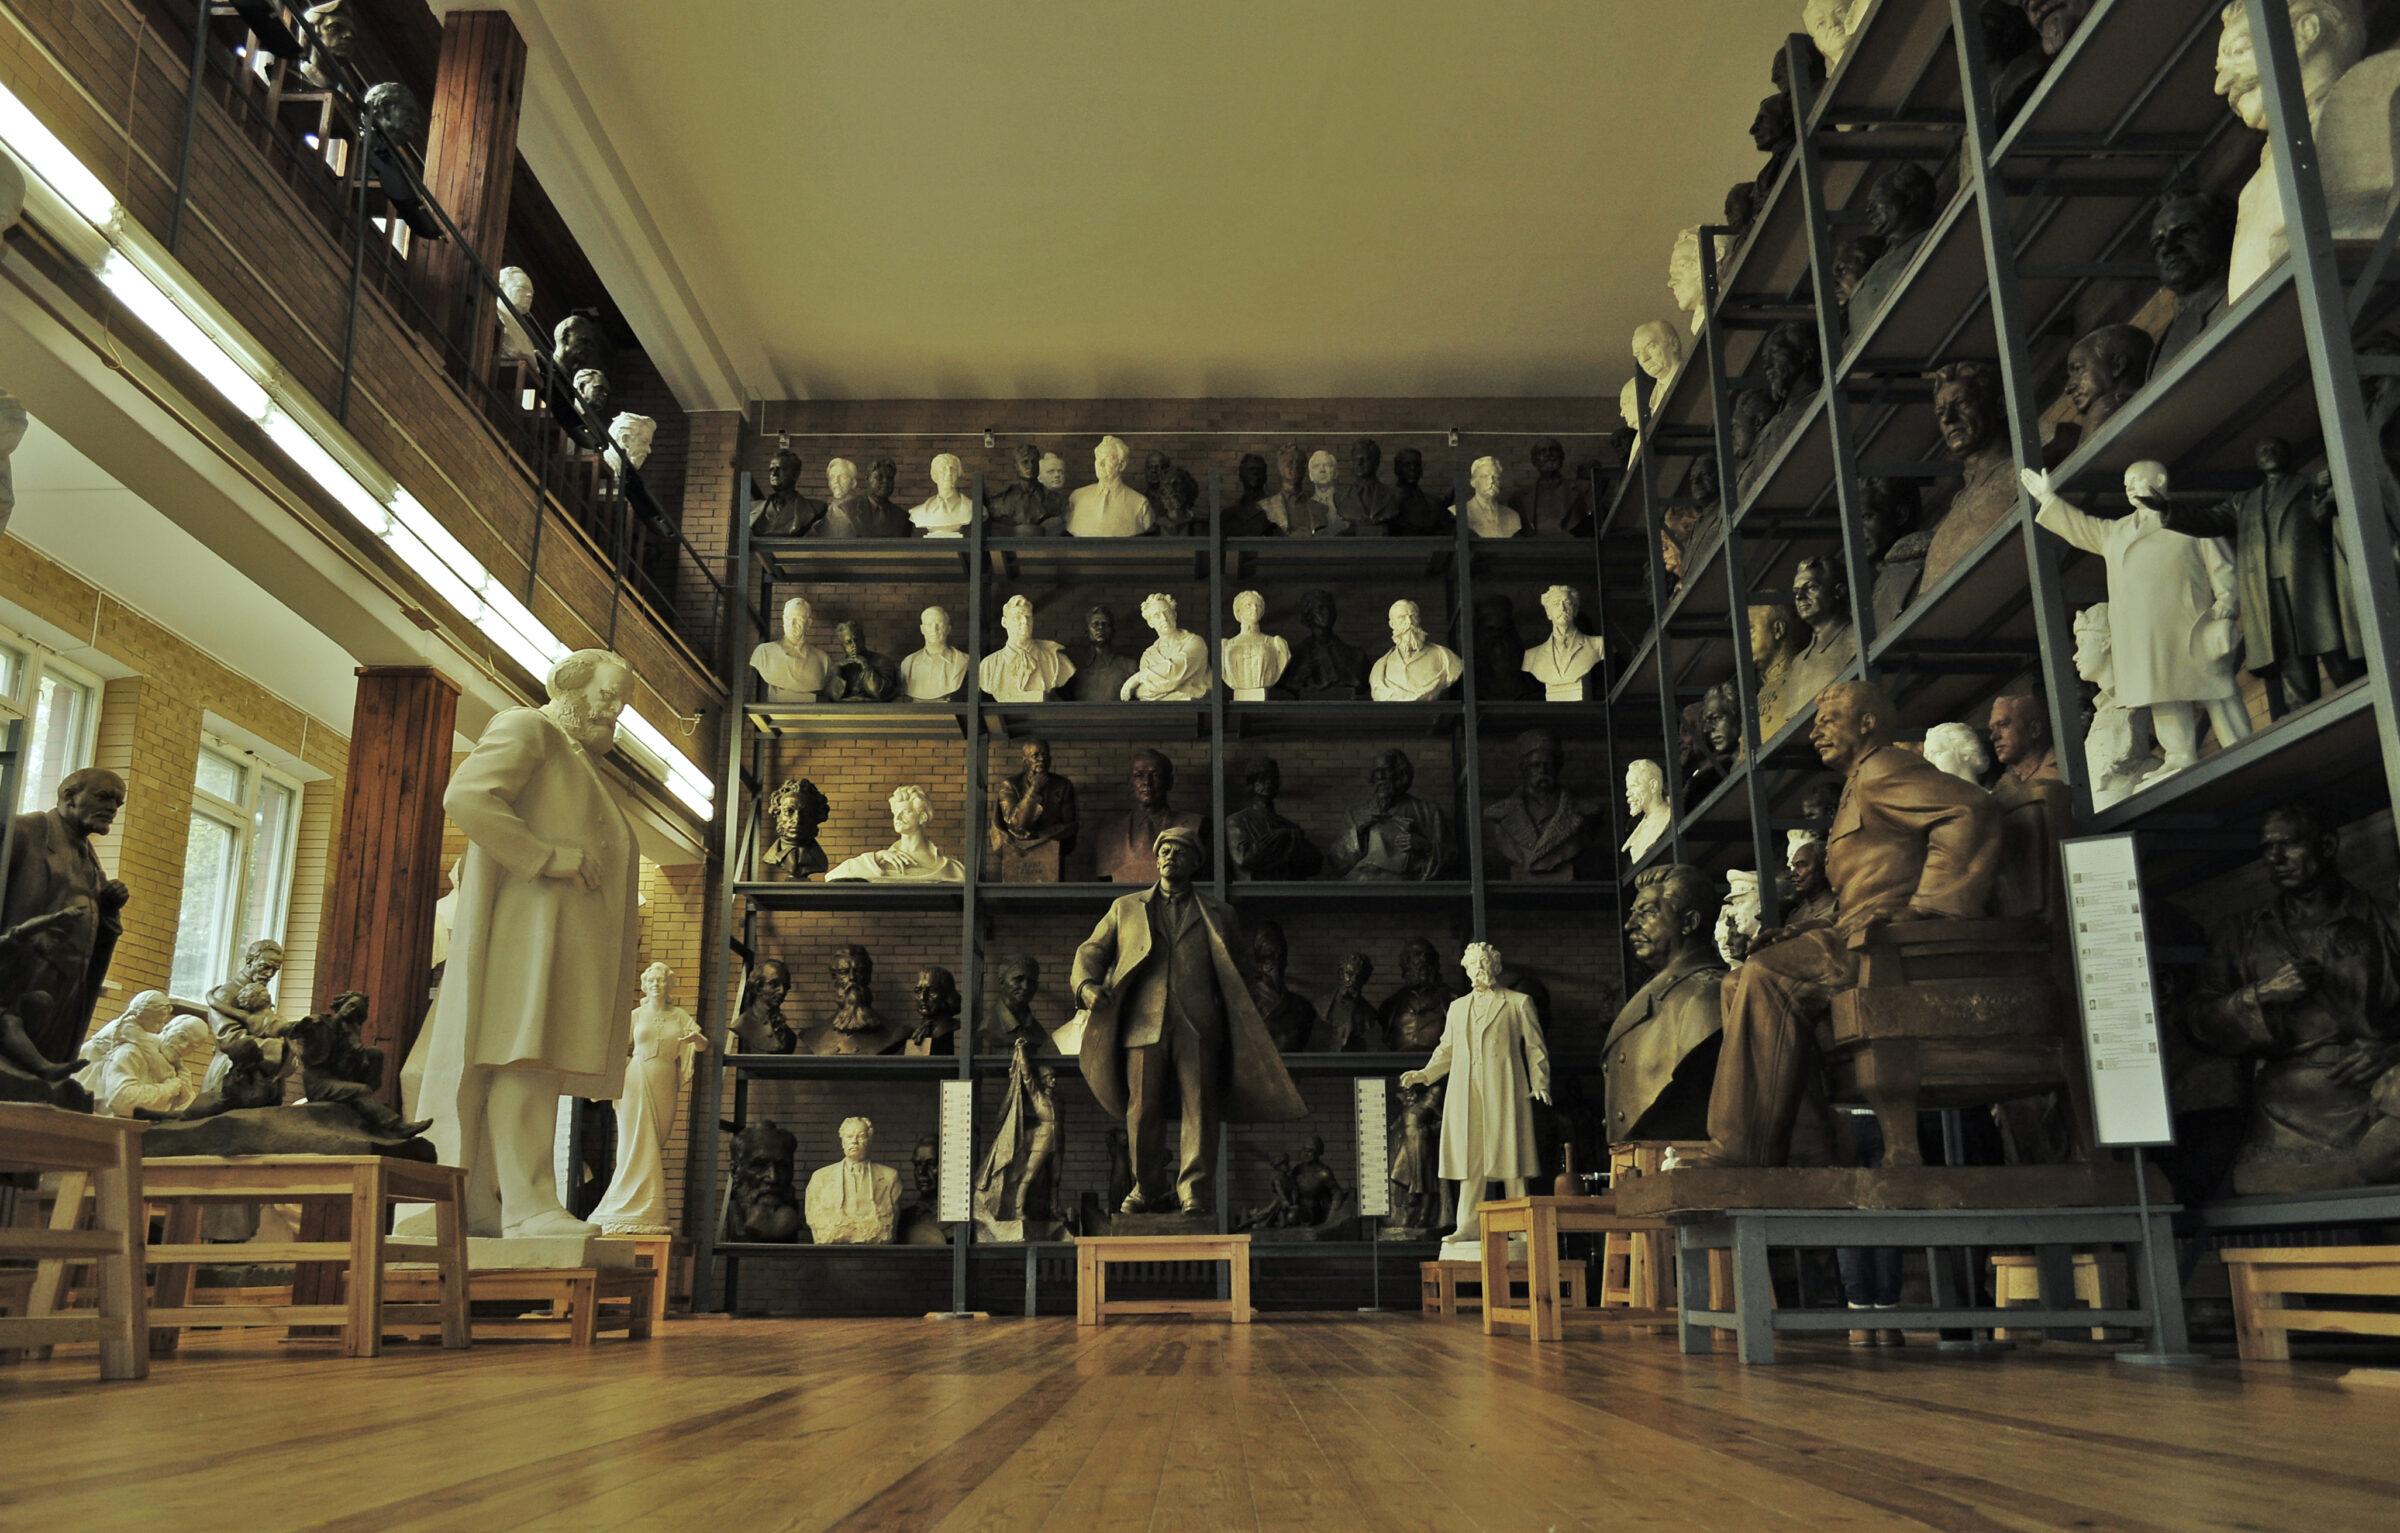 Azgur's museum